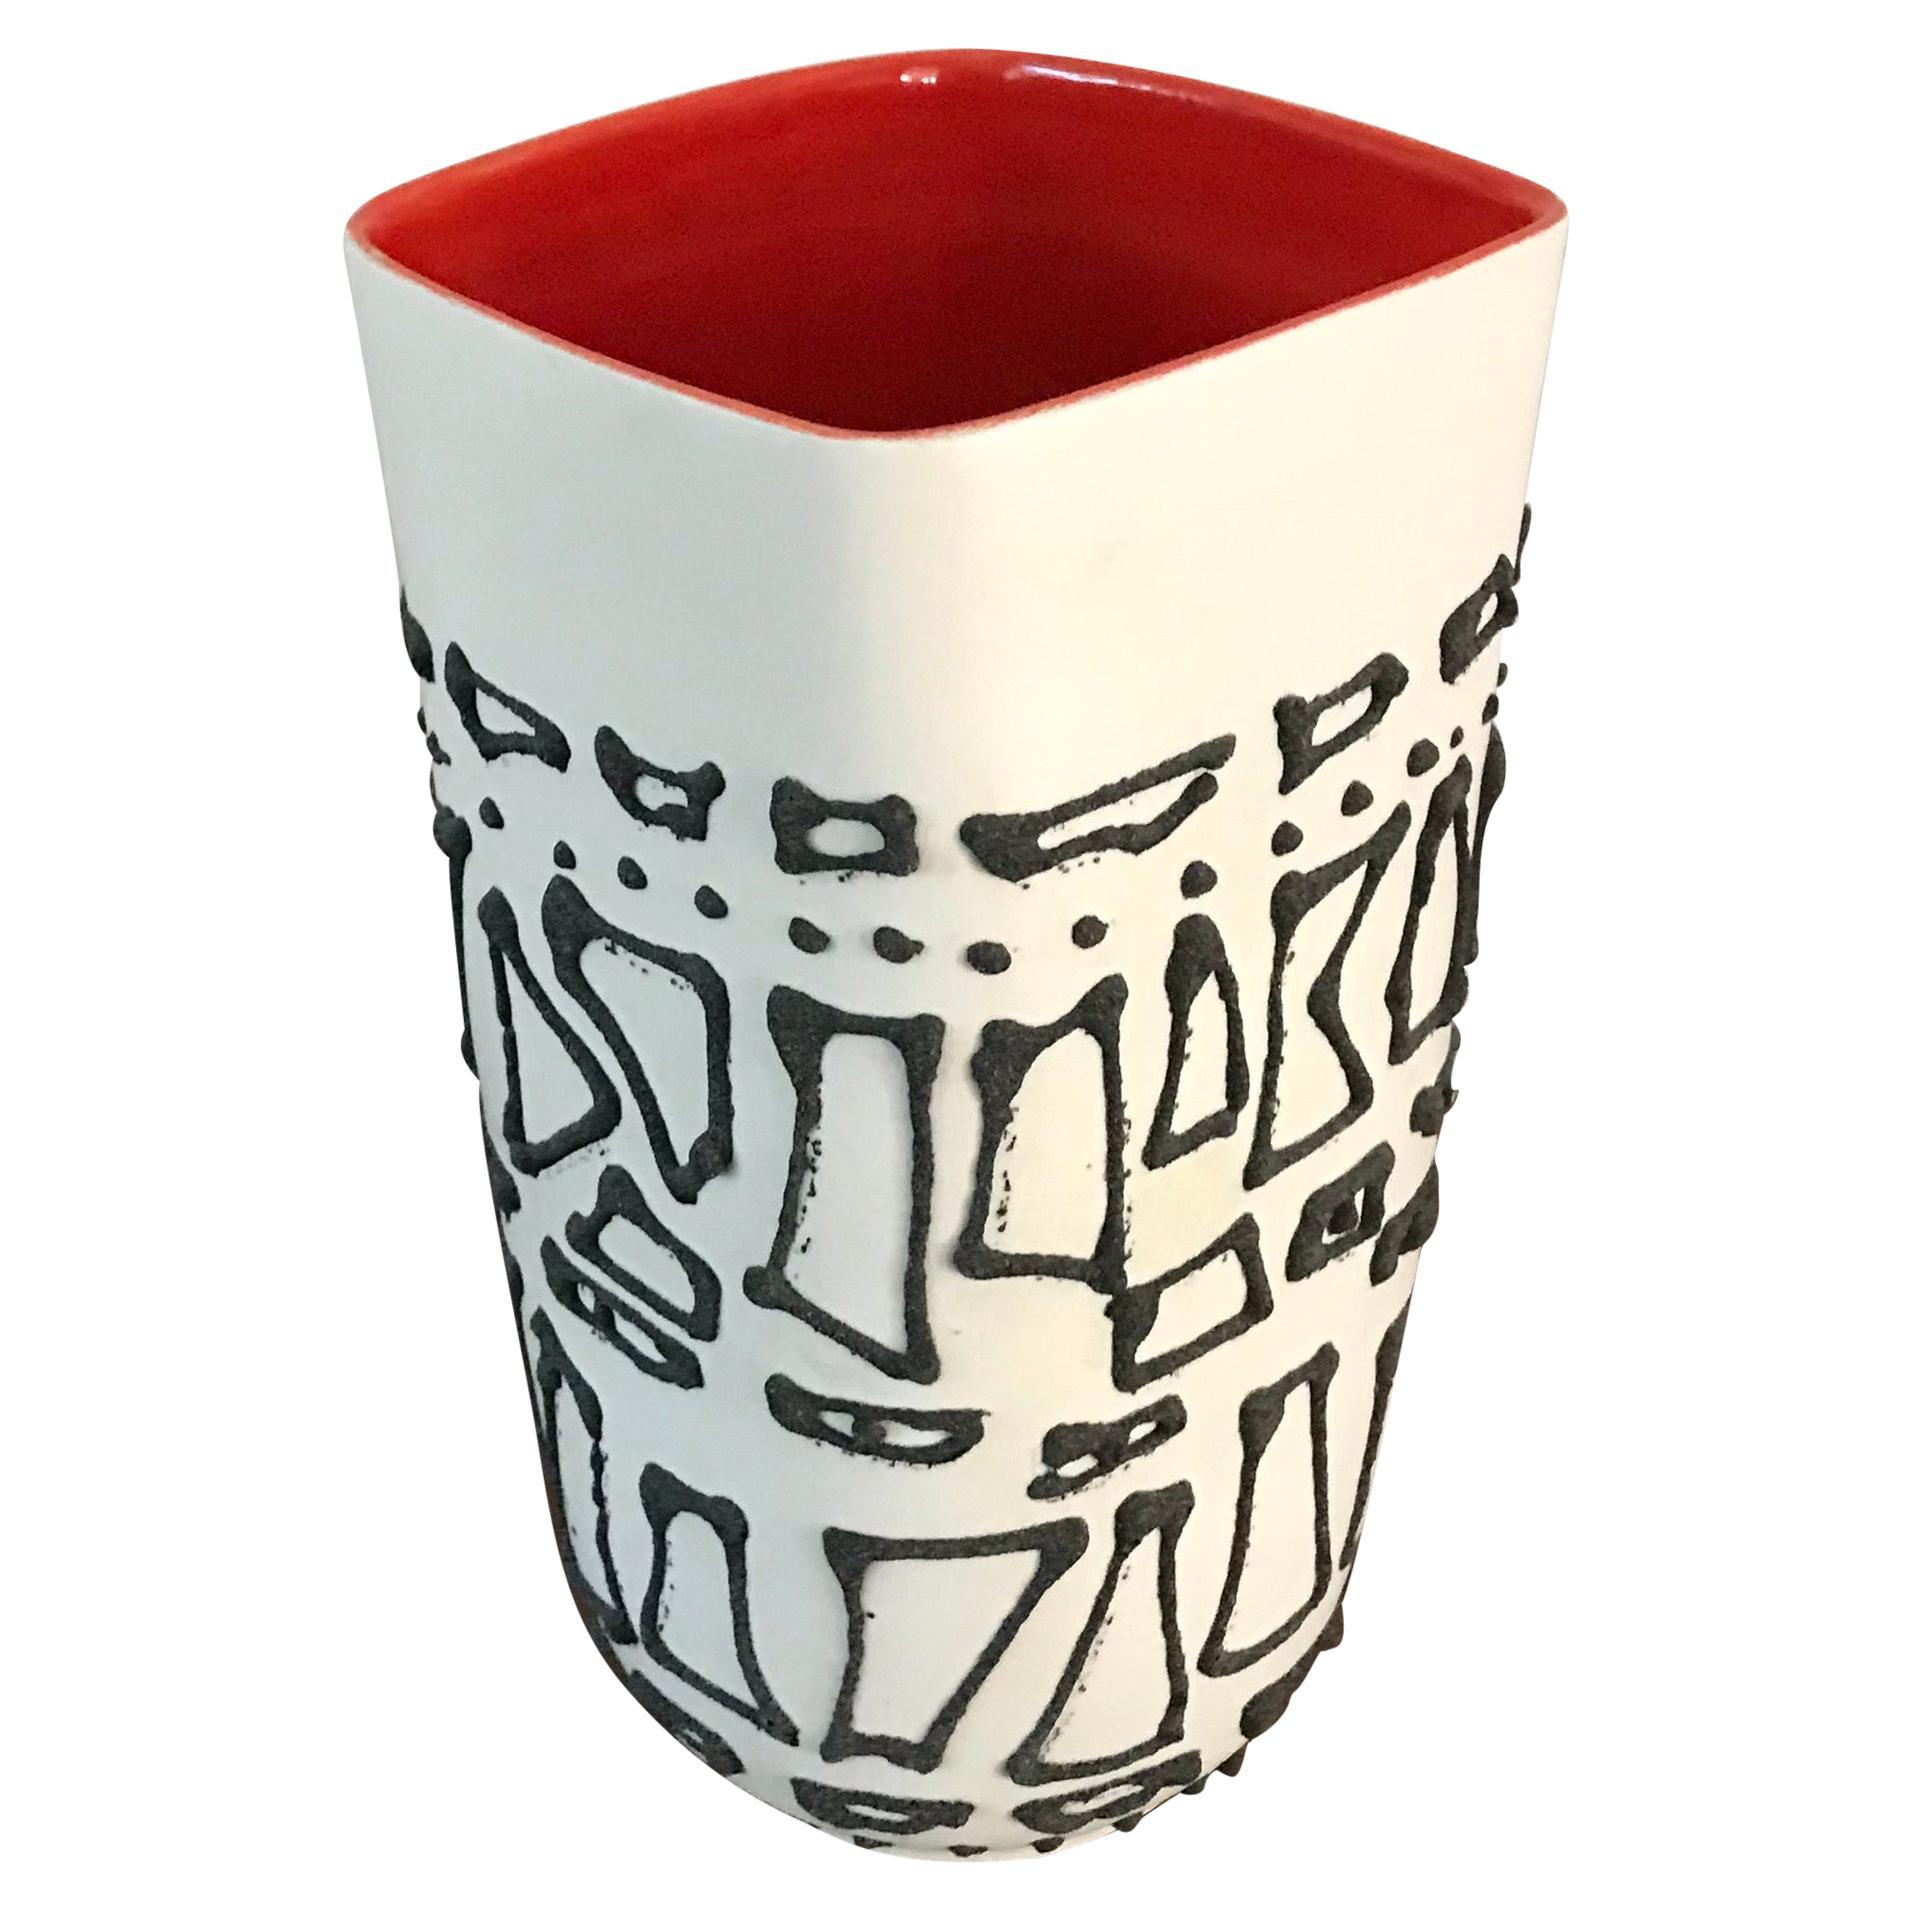 Alvino Bagni for Raymor Vase